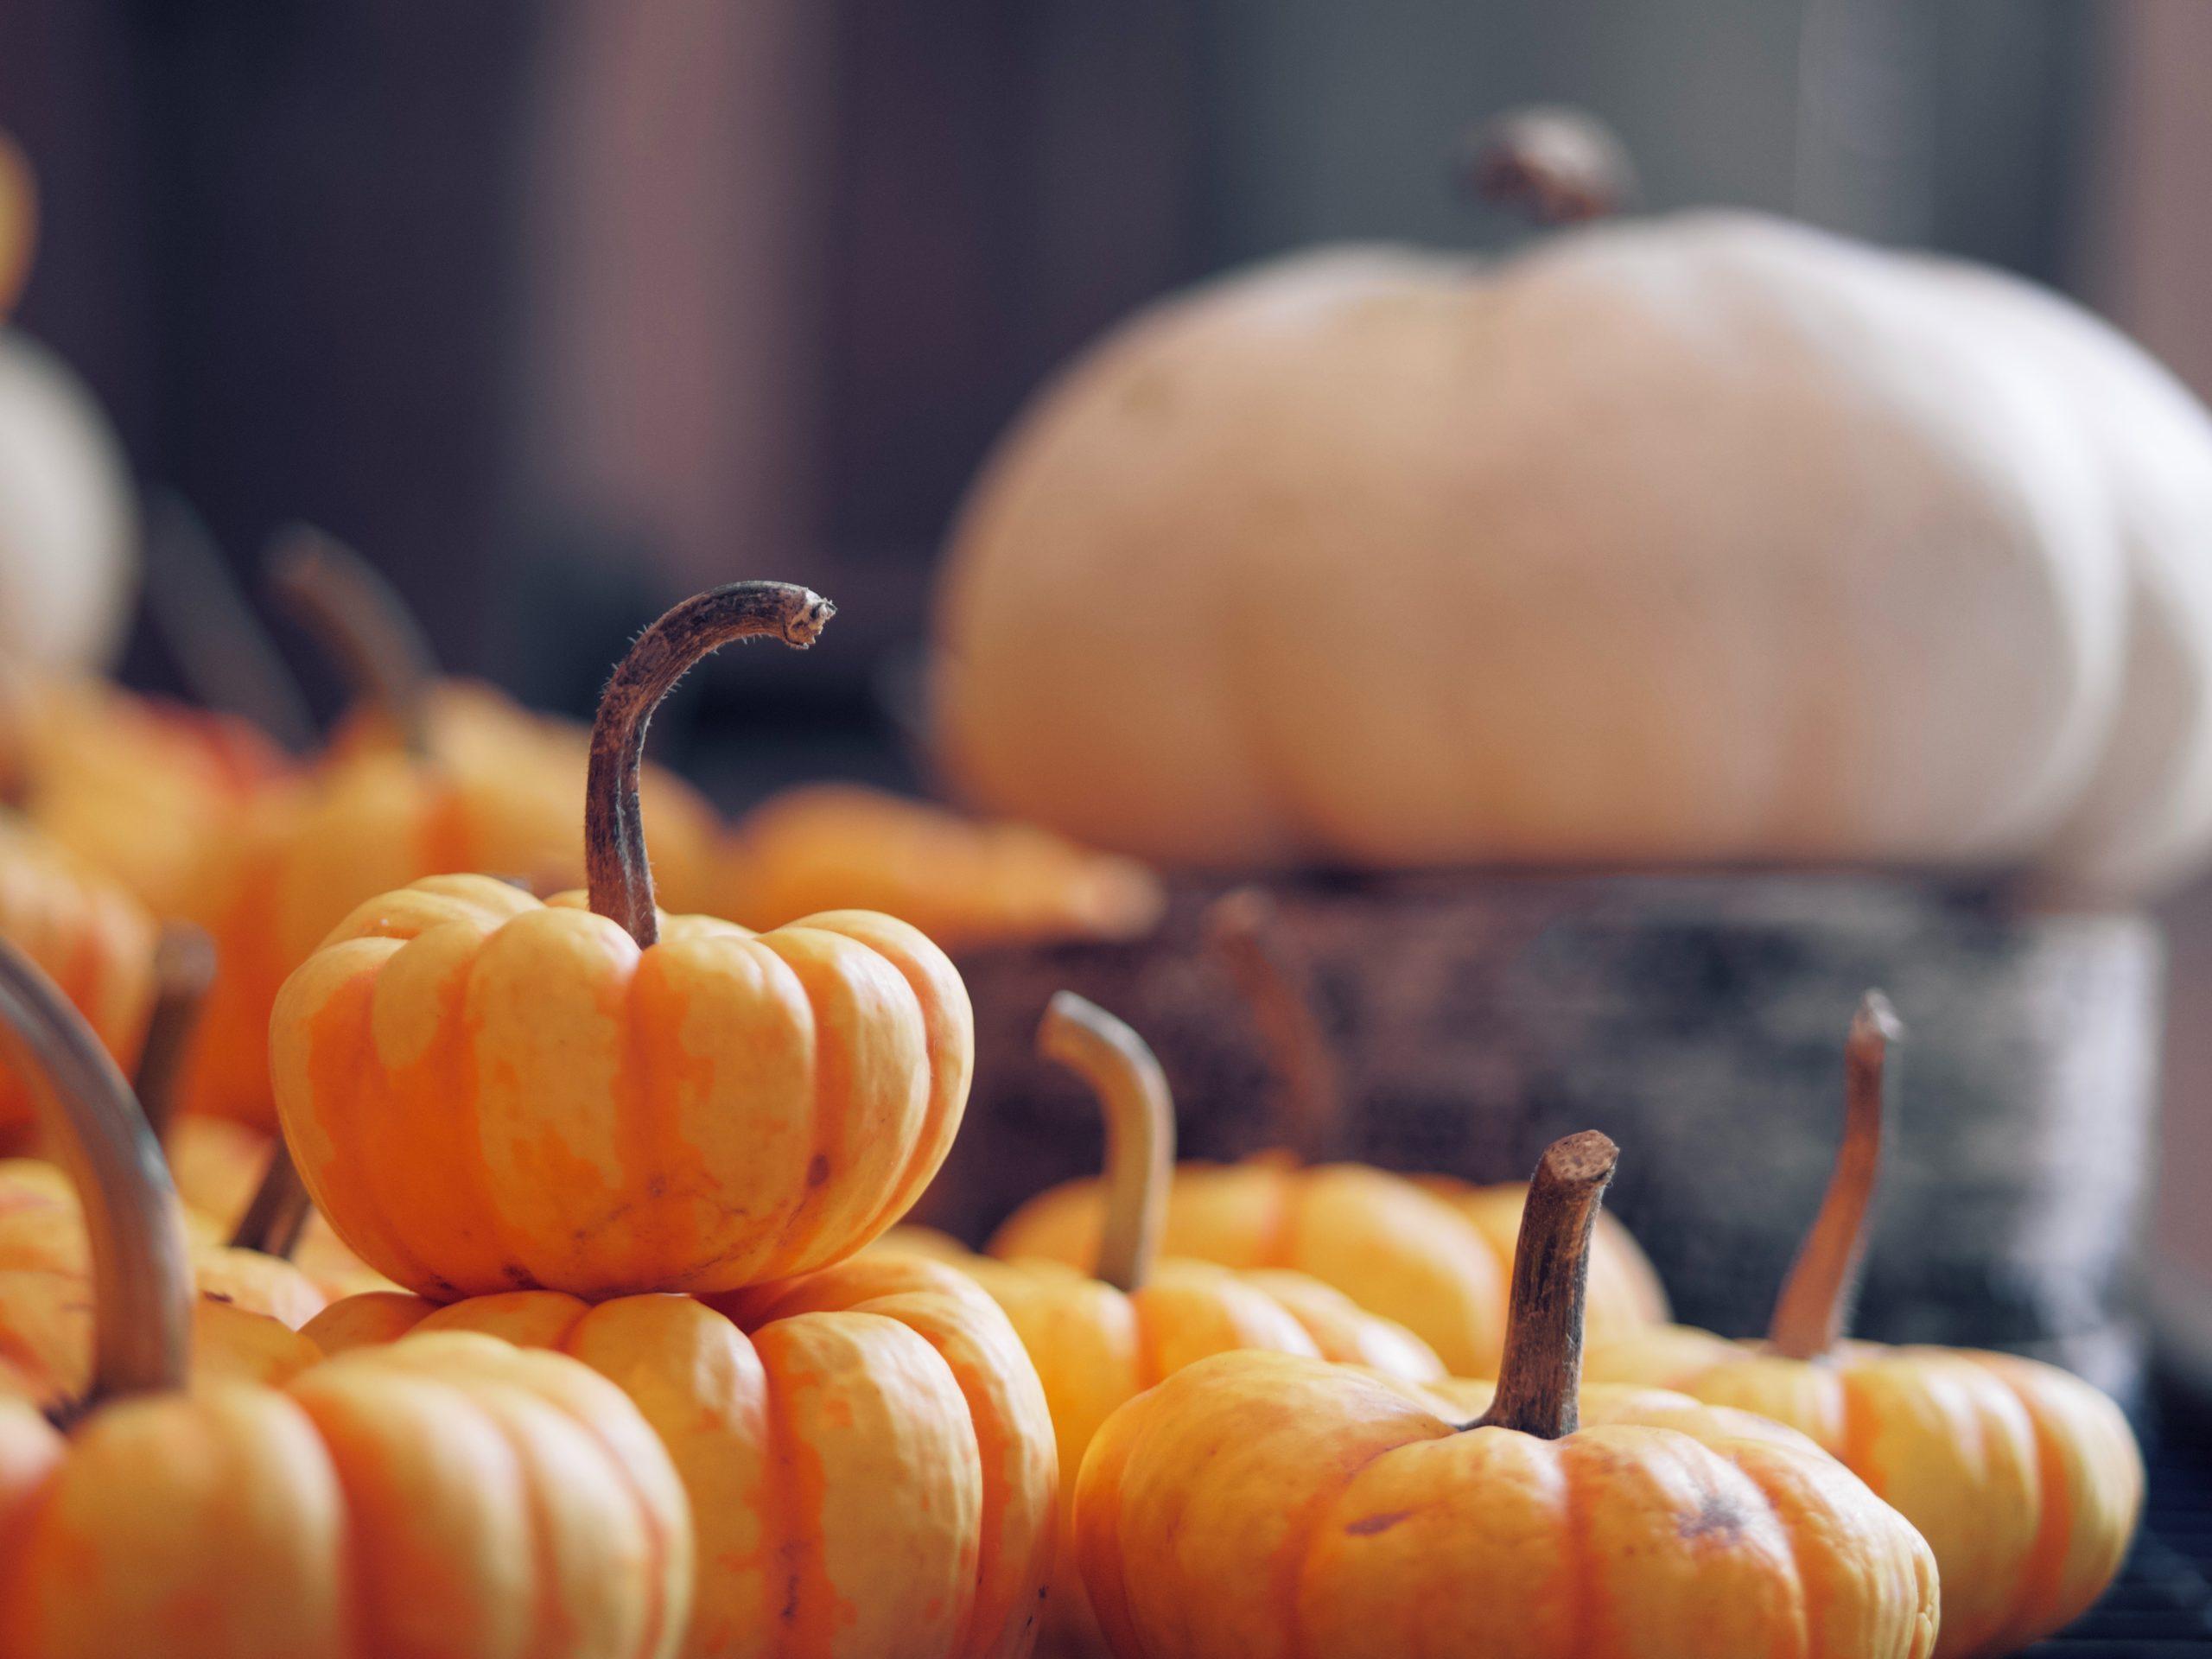 Andrésy Origines - confitures hôtellerie prestige -confitures équilibrées en fruits et sucres, fruits sélectionnés pour leurs origines et variétés, fabriquées en France, cuites en chaudron de cuivre et au sucre de canne